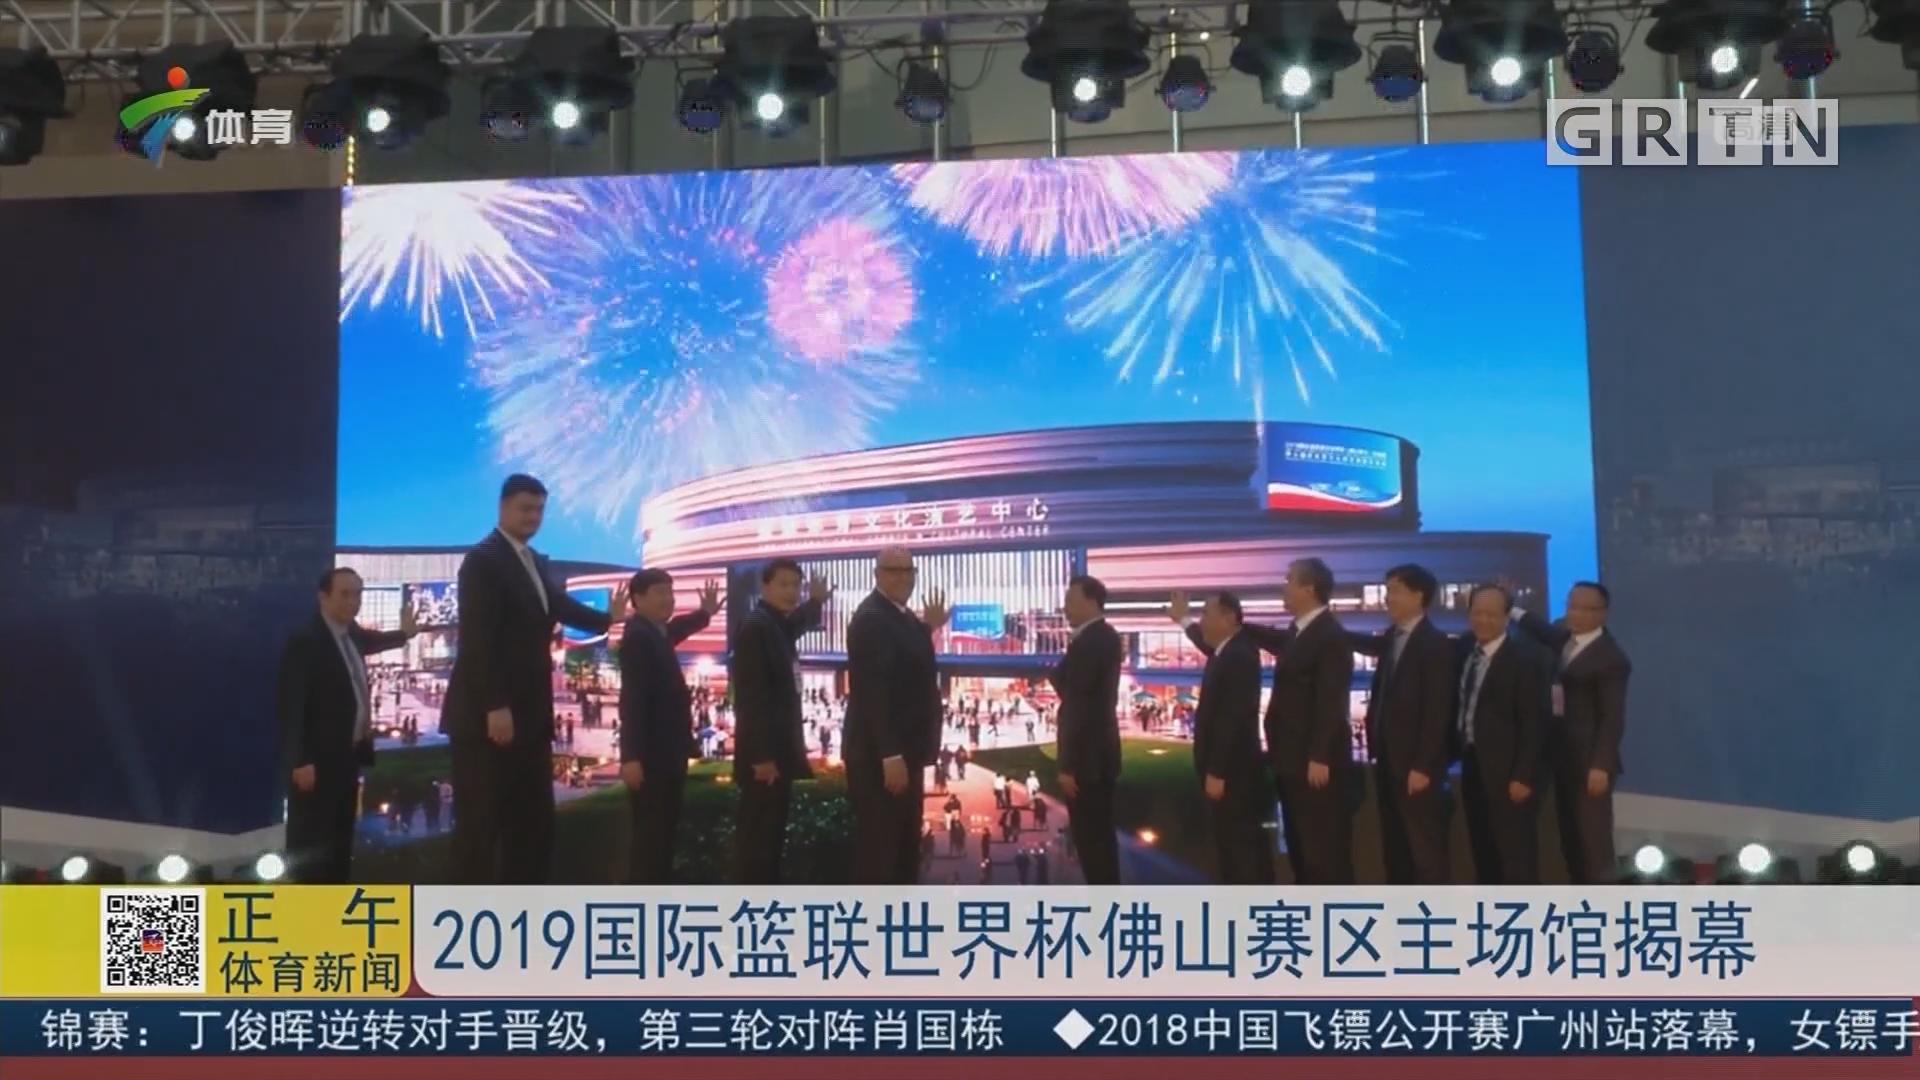 2019国际篮联世界杯佛山赛区主场馆揭幕